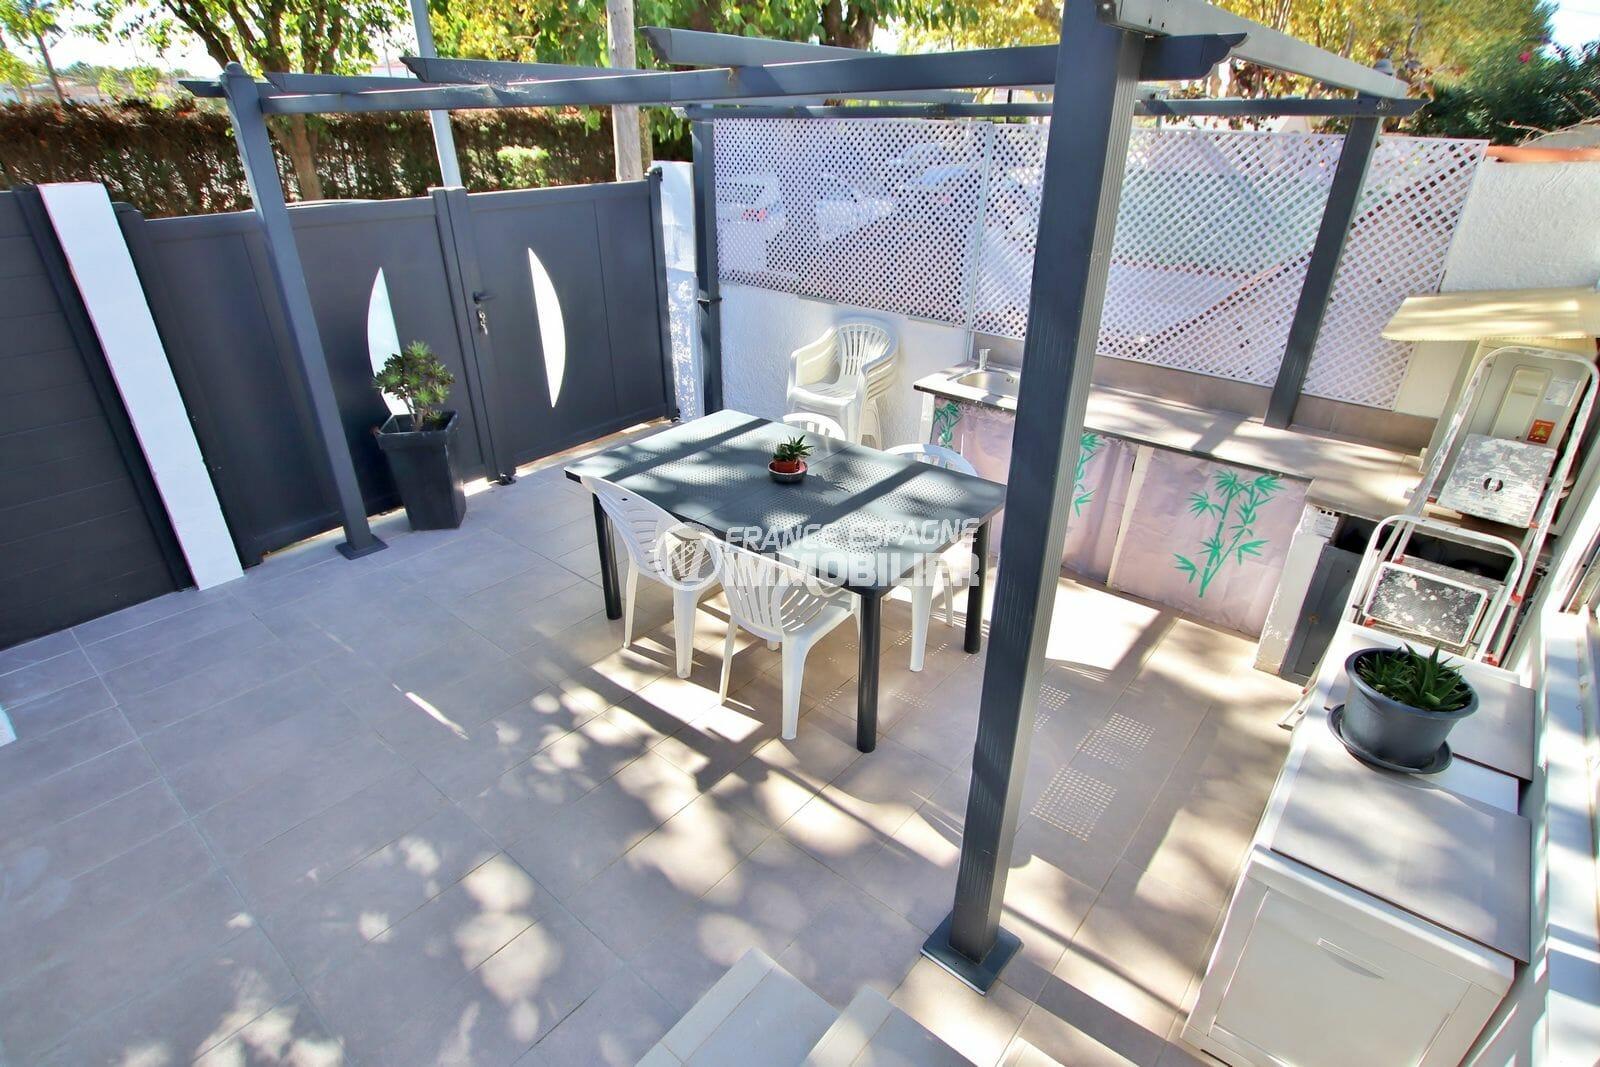 maison empuriabrava, 2 chambres 52 m² avec 2 terrasses et parking cour intérieure, plage à environ 2000 m